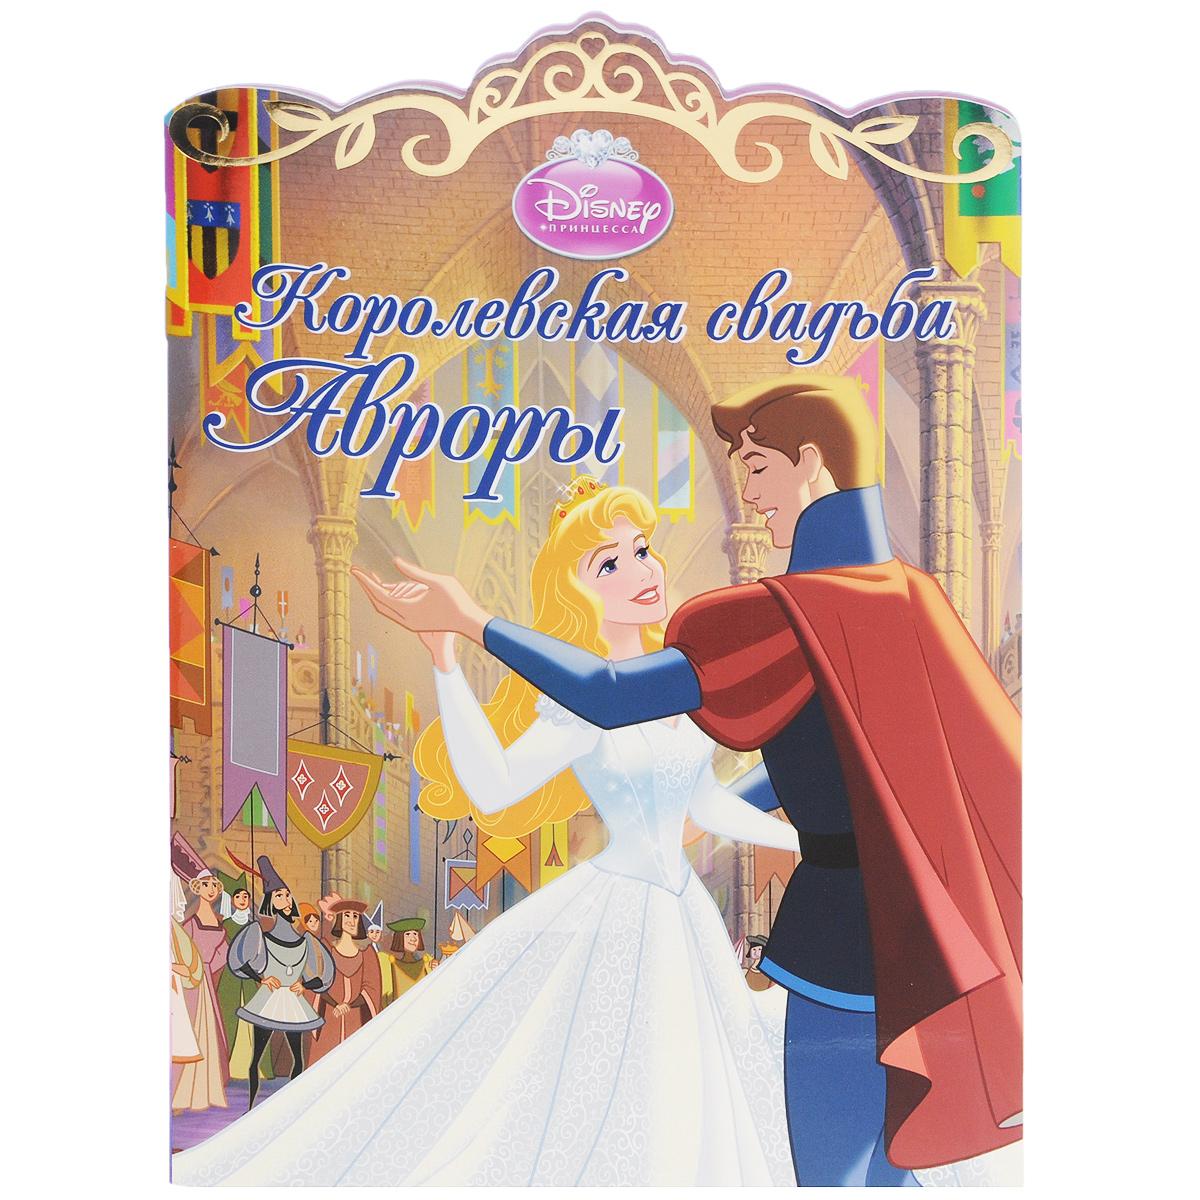 Королевская свадьба Авроры